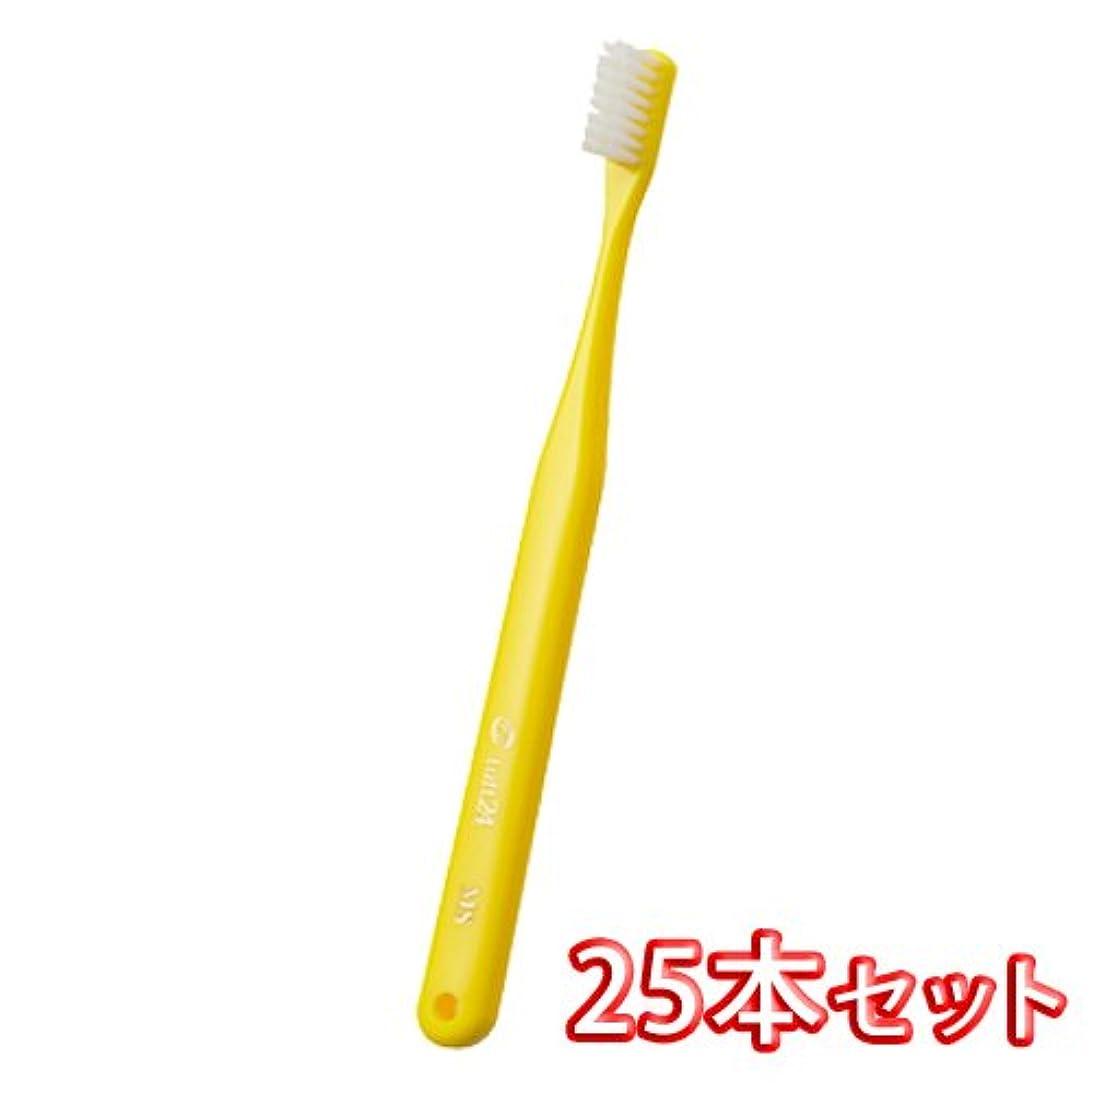 ドロー不信多様性オーラルケア キャップ付き タフト 24歯ブラシ 25本入 ミディアム M (イエロー)